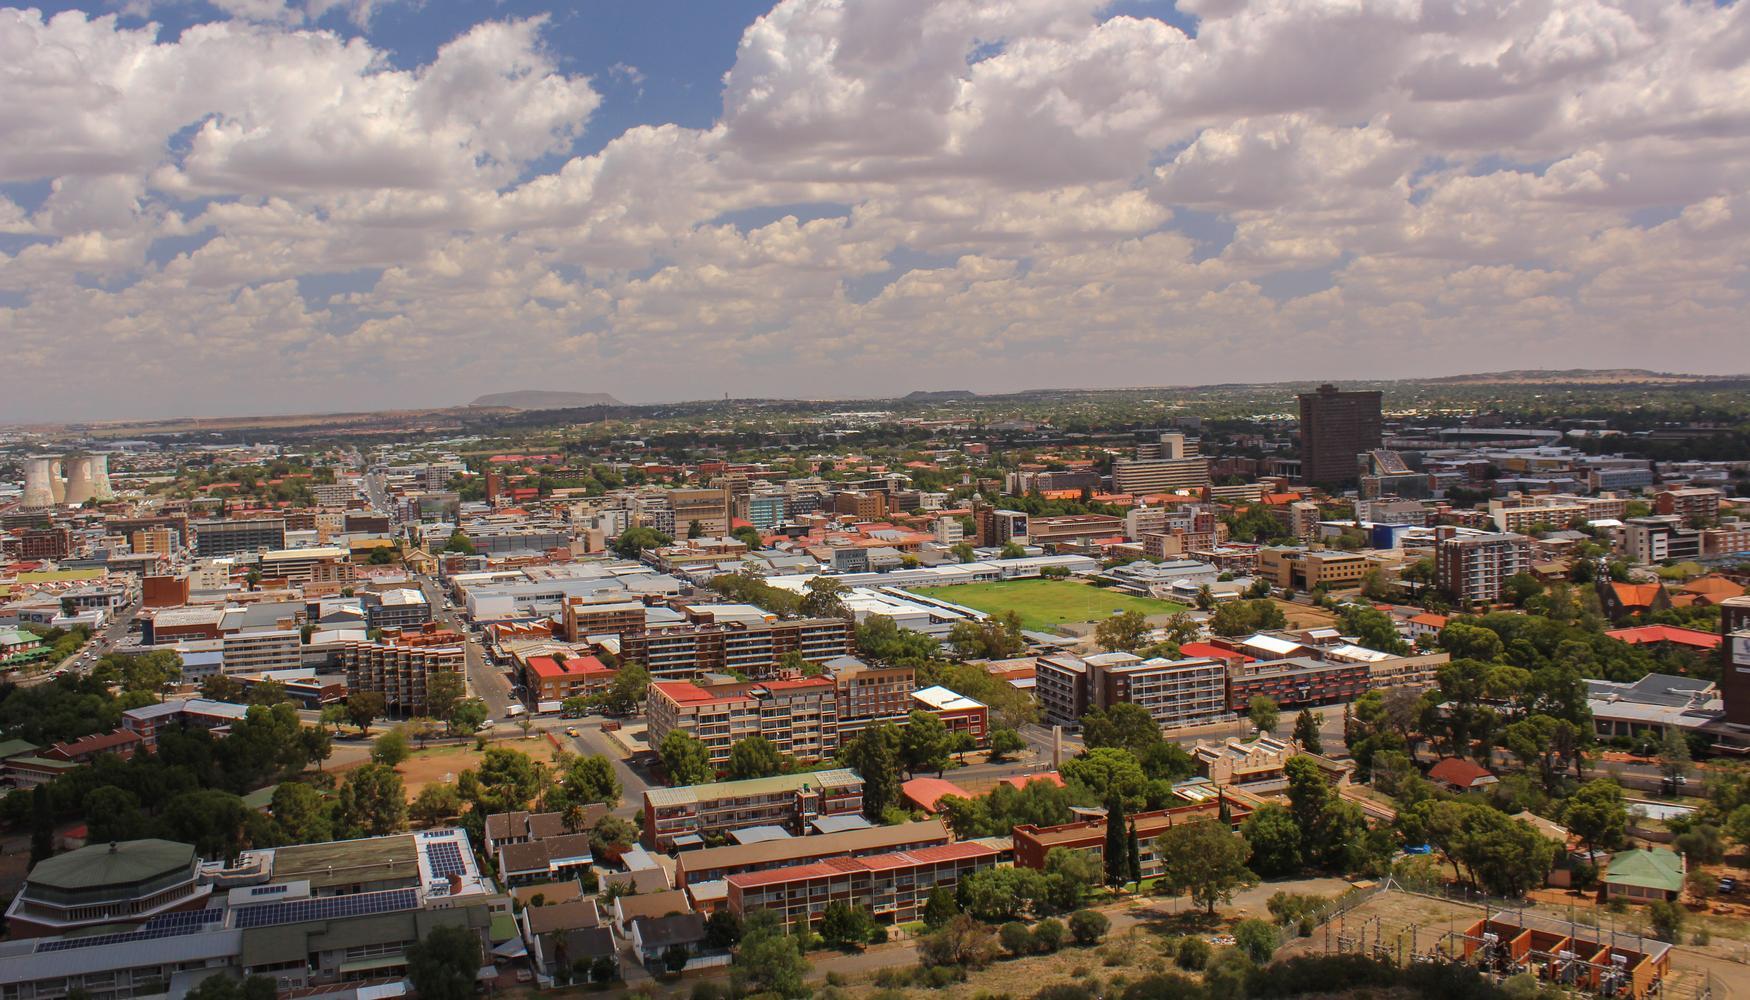 Carros de aluguer em Aeroporto de Bloemfontein